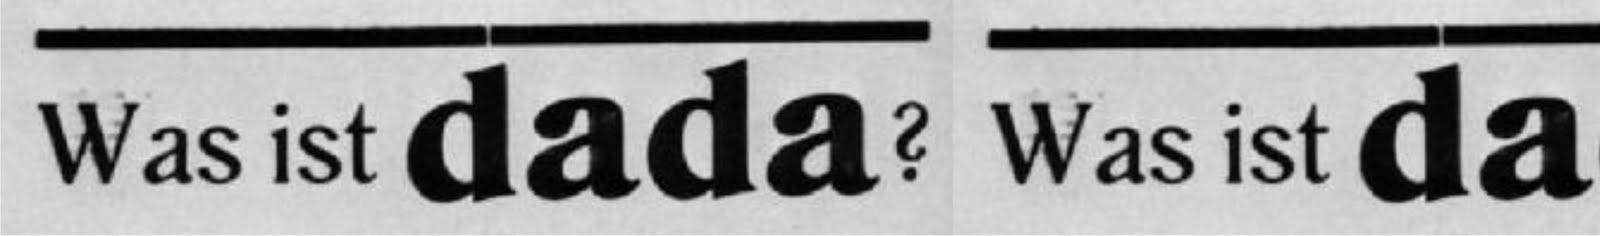 Was Ist Dada